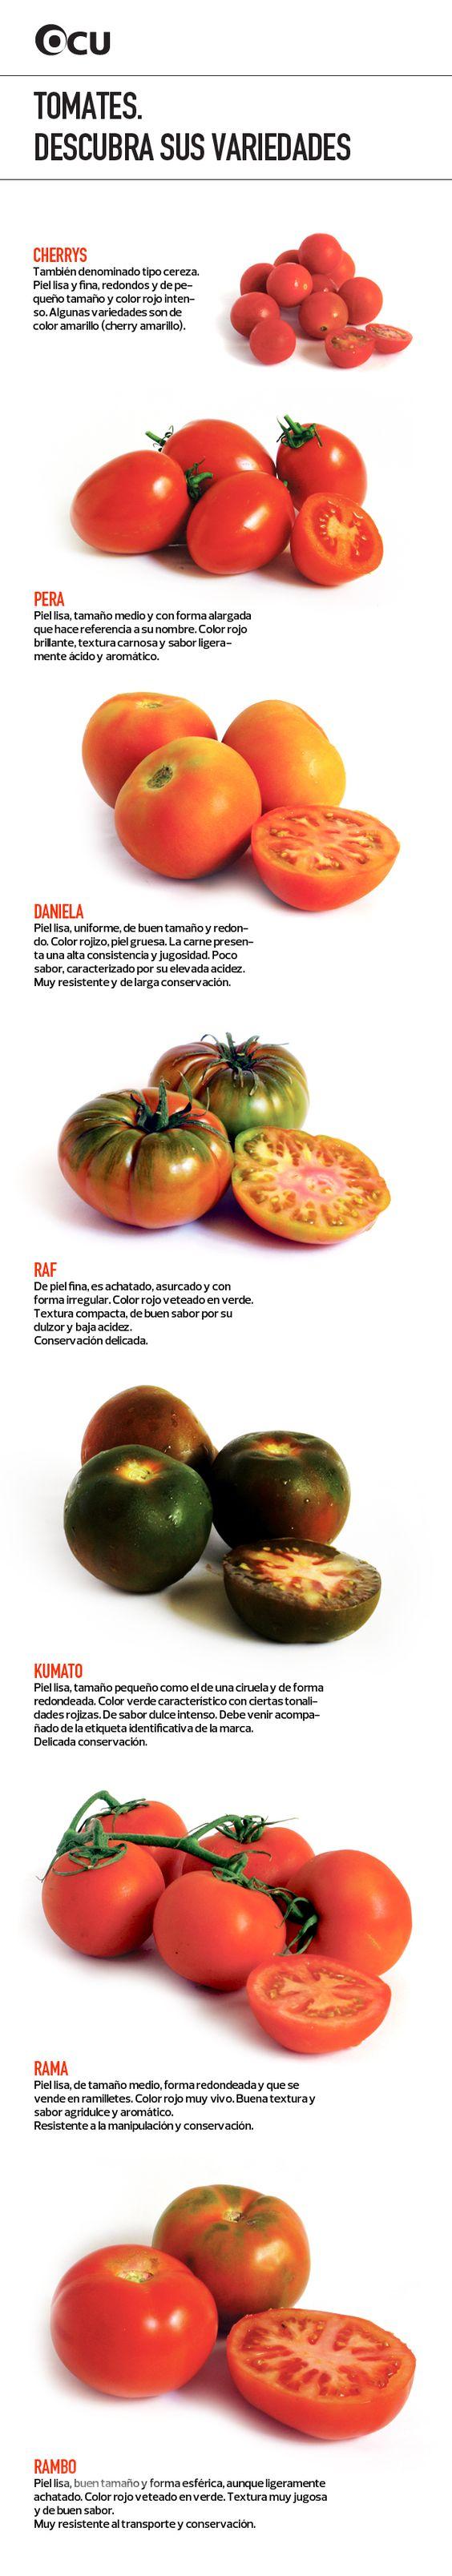 Kumato, Daniela, Rambo... No son códigos militares sino algunas variedades del tomate, uno de los pilares de la dieta mediterránea. No compres sin saber: apréndete los nombres y las propiedades de cada especie.